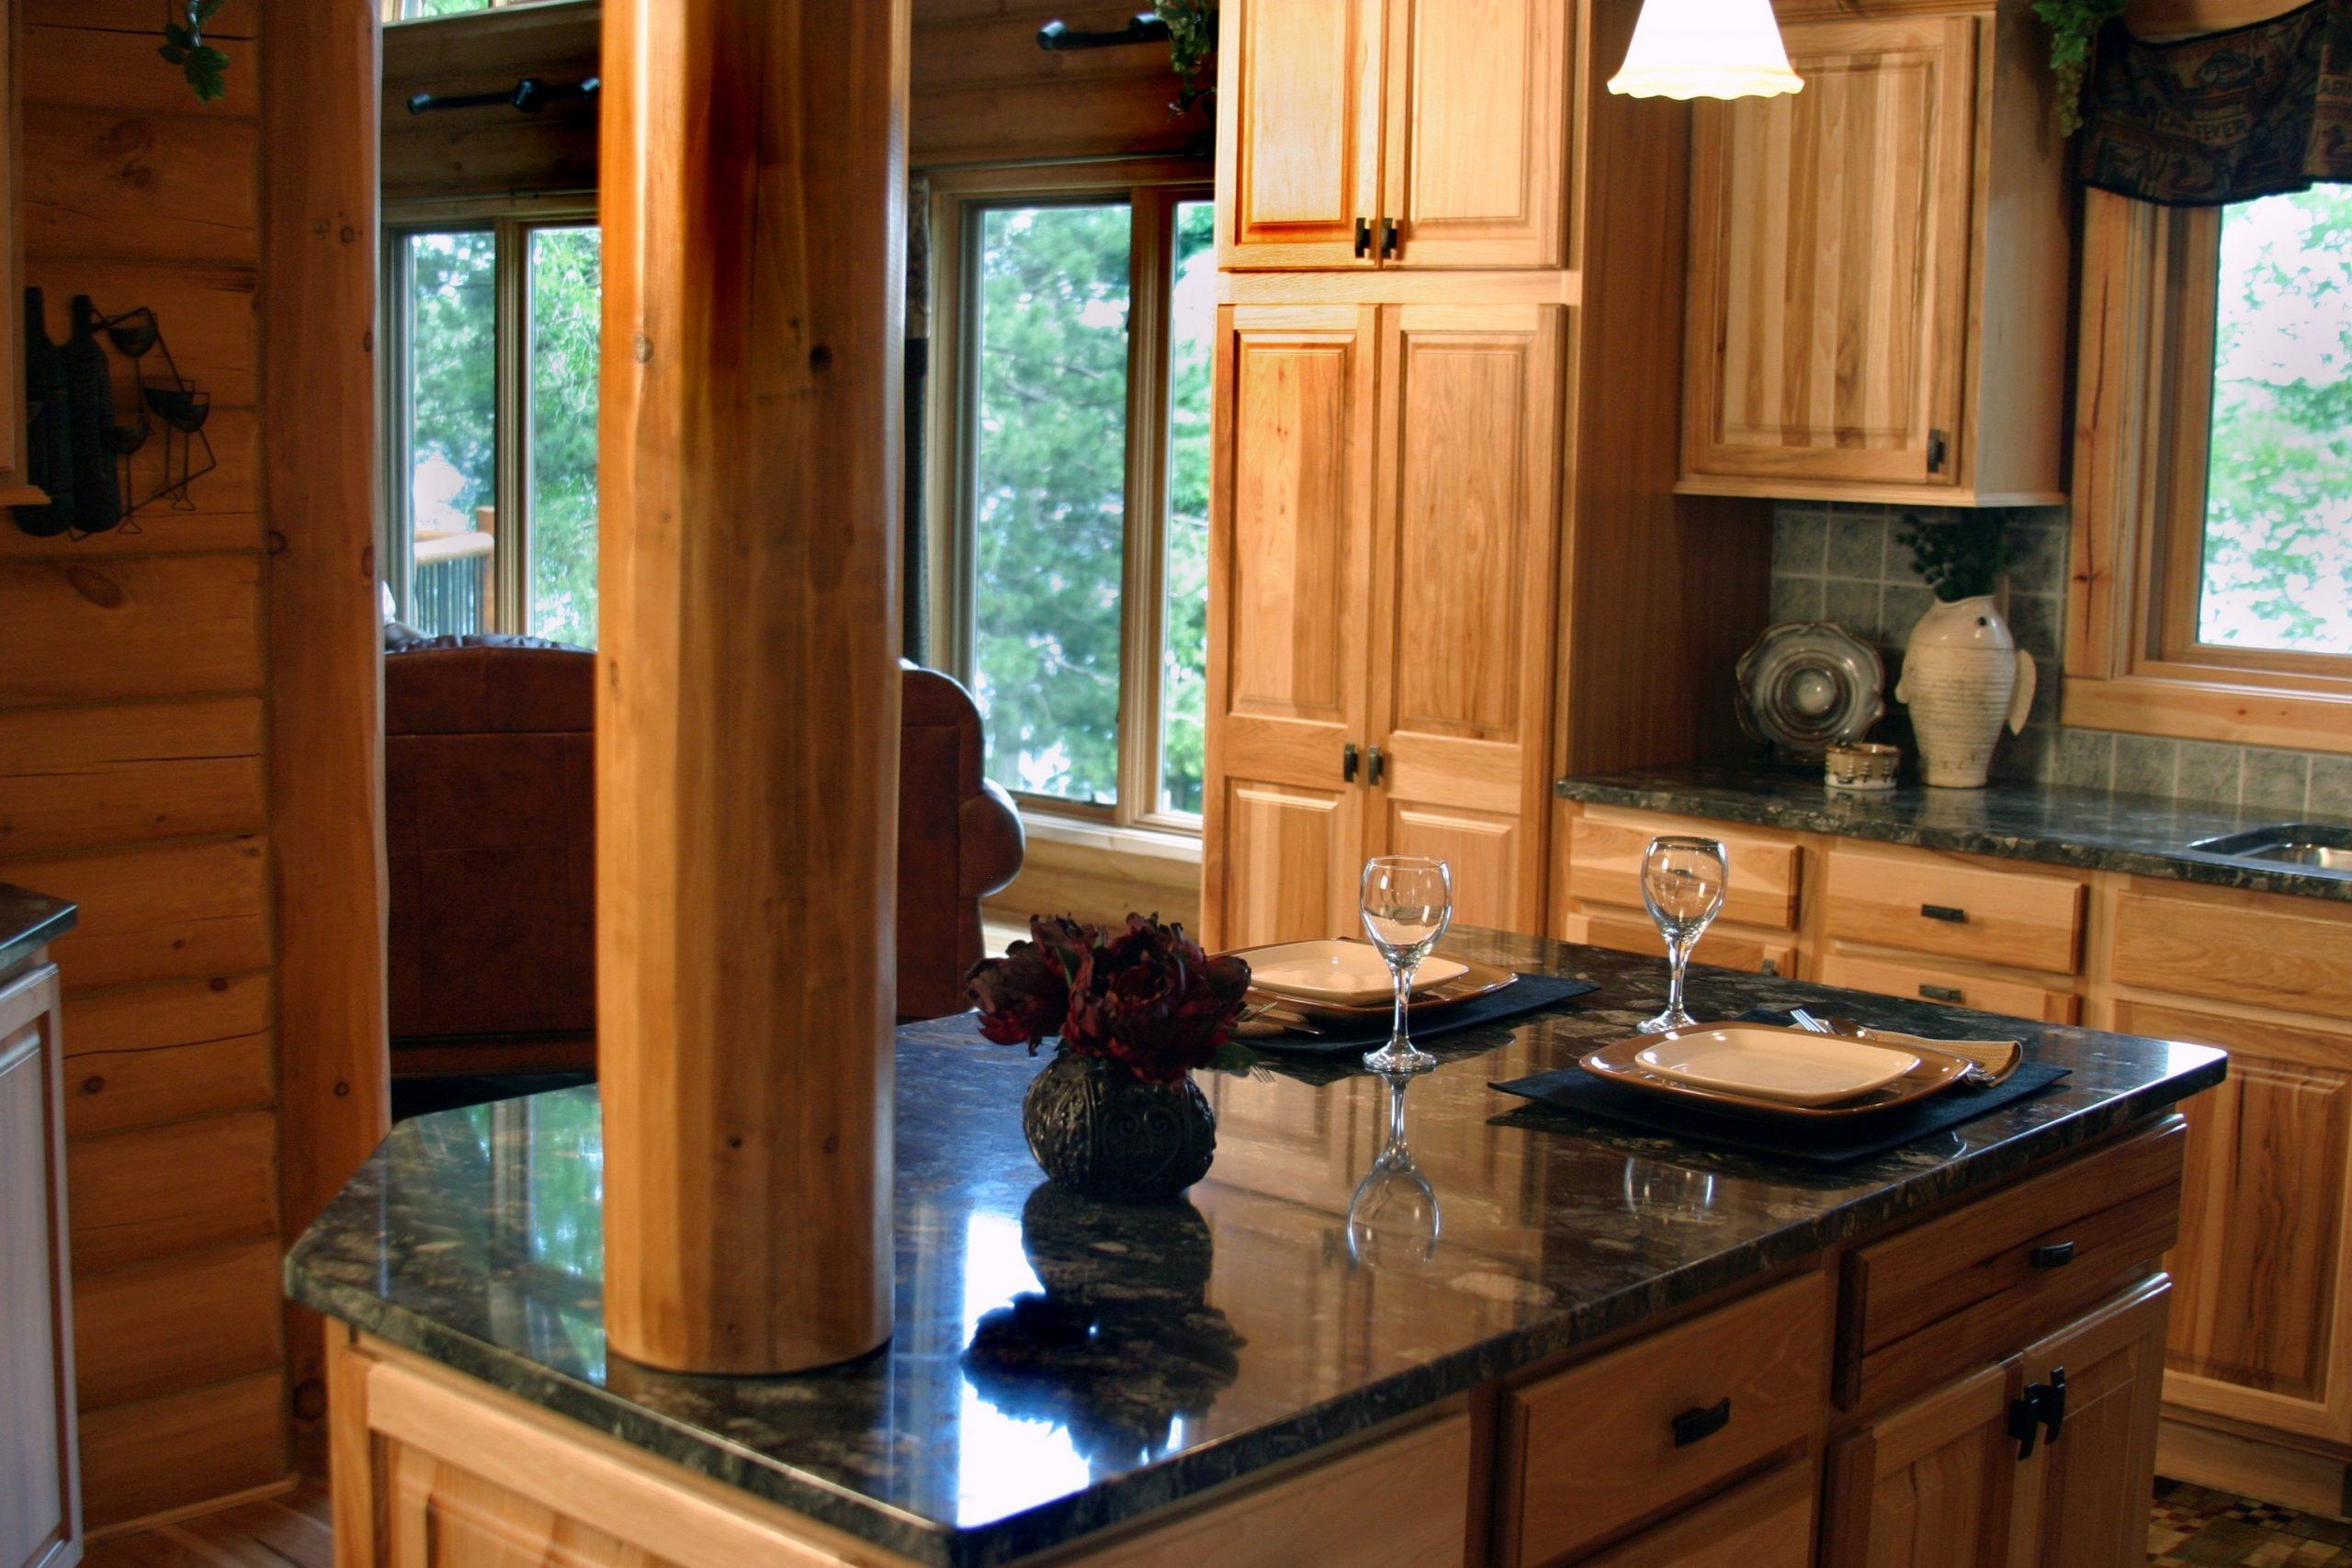 Full Size of Granitplatten Küche Granit Kchenarbeitsplatte Aus 200 Sorten Ausstellungsstück Günstig Kaufen Sitzgruppe Industrie Erweitern Bodenbelag Einzelschränke Küche Granitplatten Küche